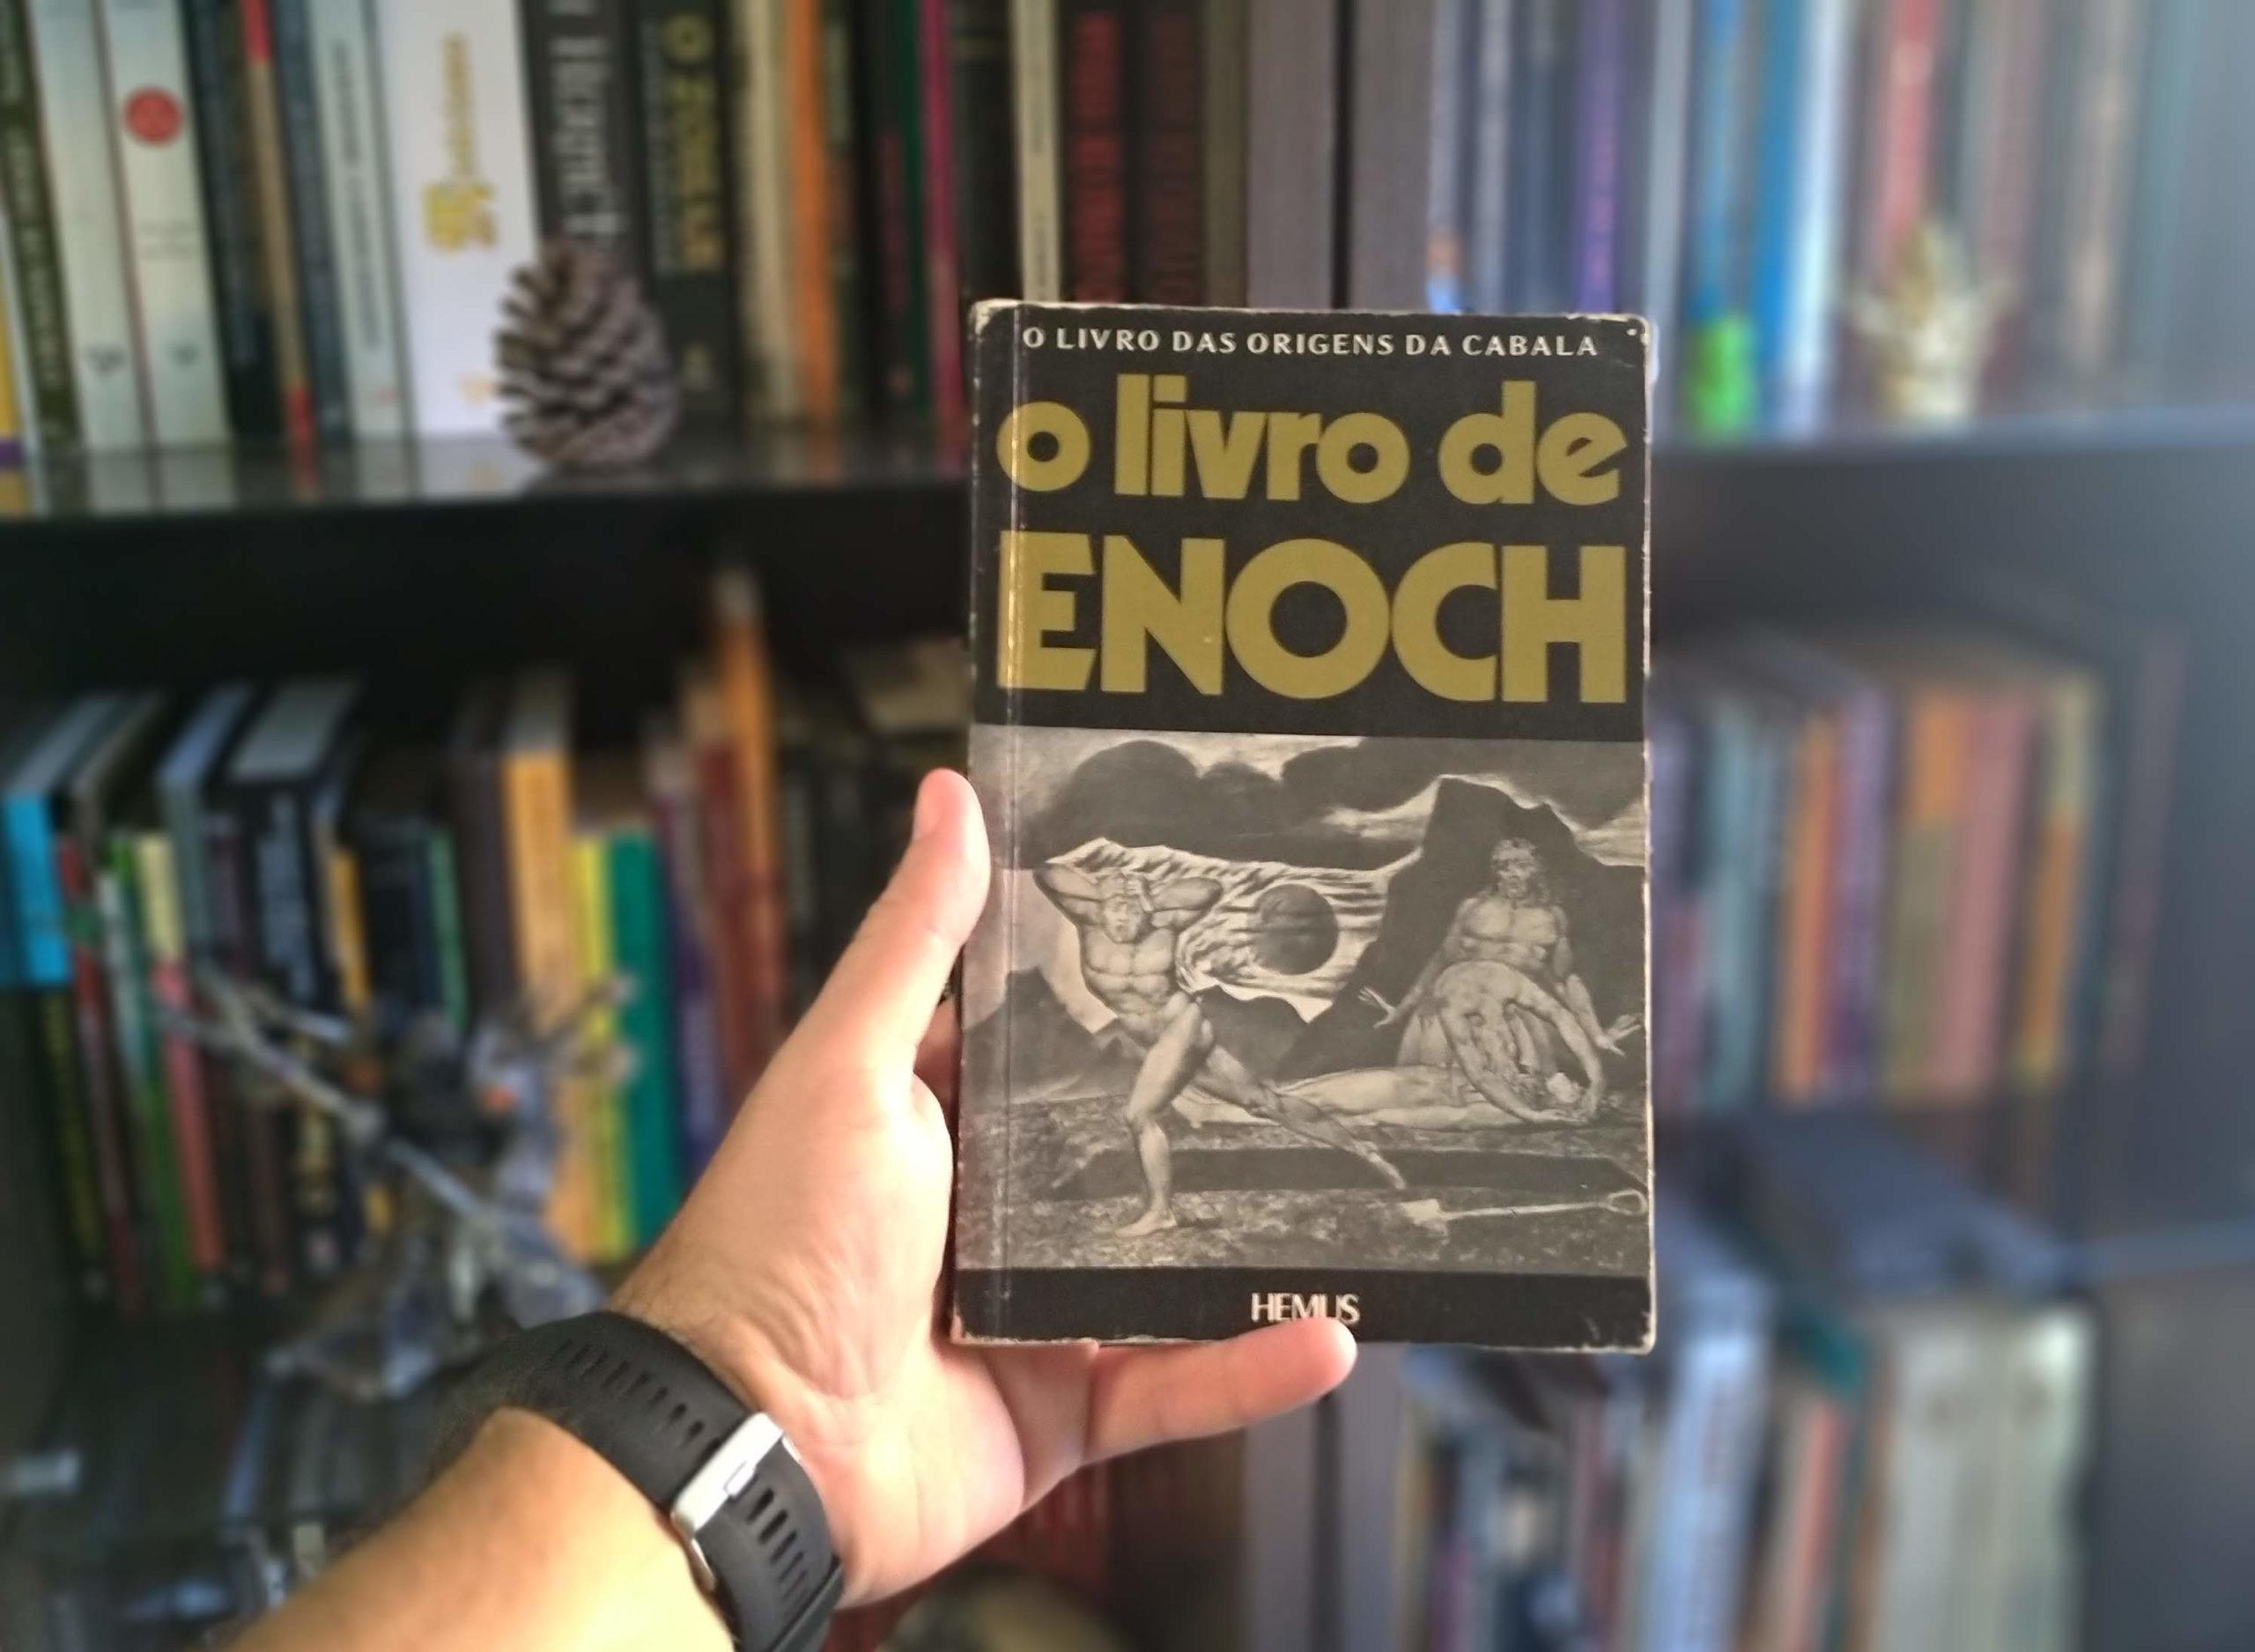 O Livro de Enoch – O Livro das Origens da Cabala